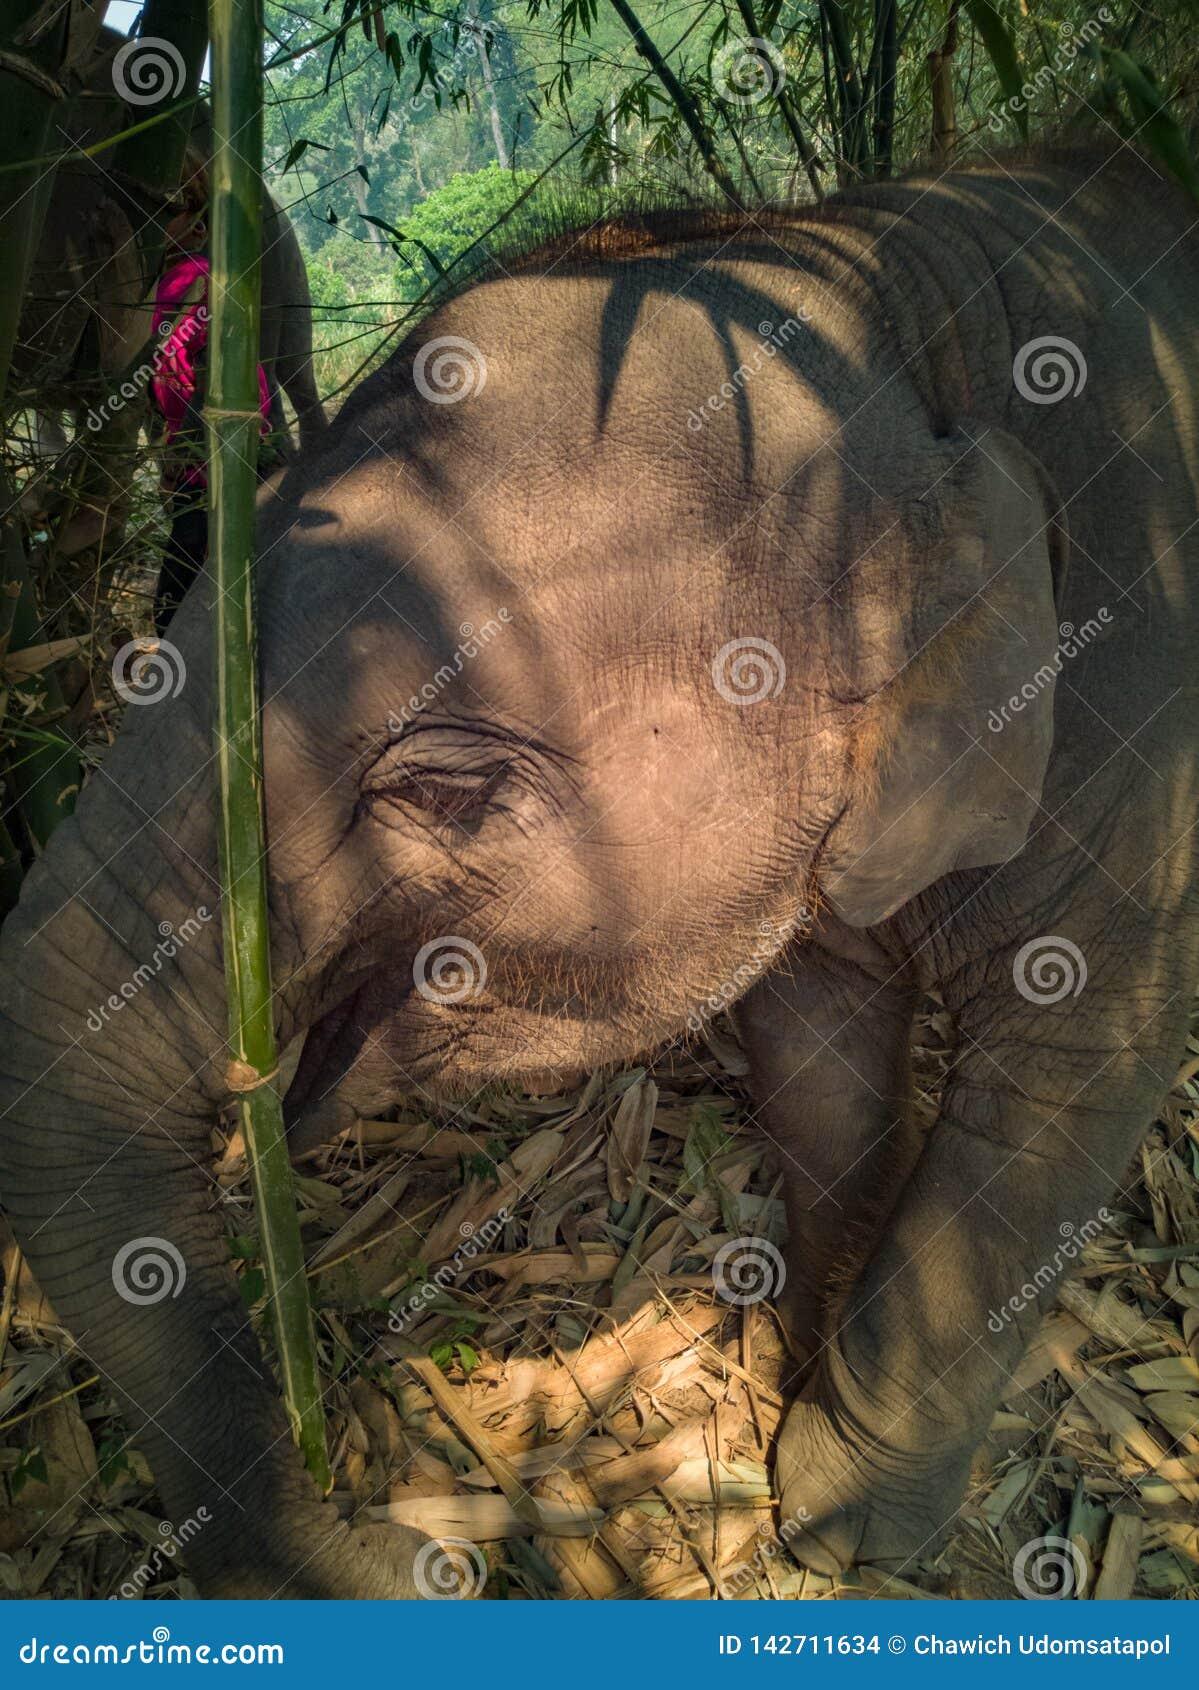 Closed up photo baby elephant